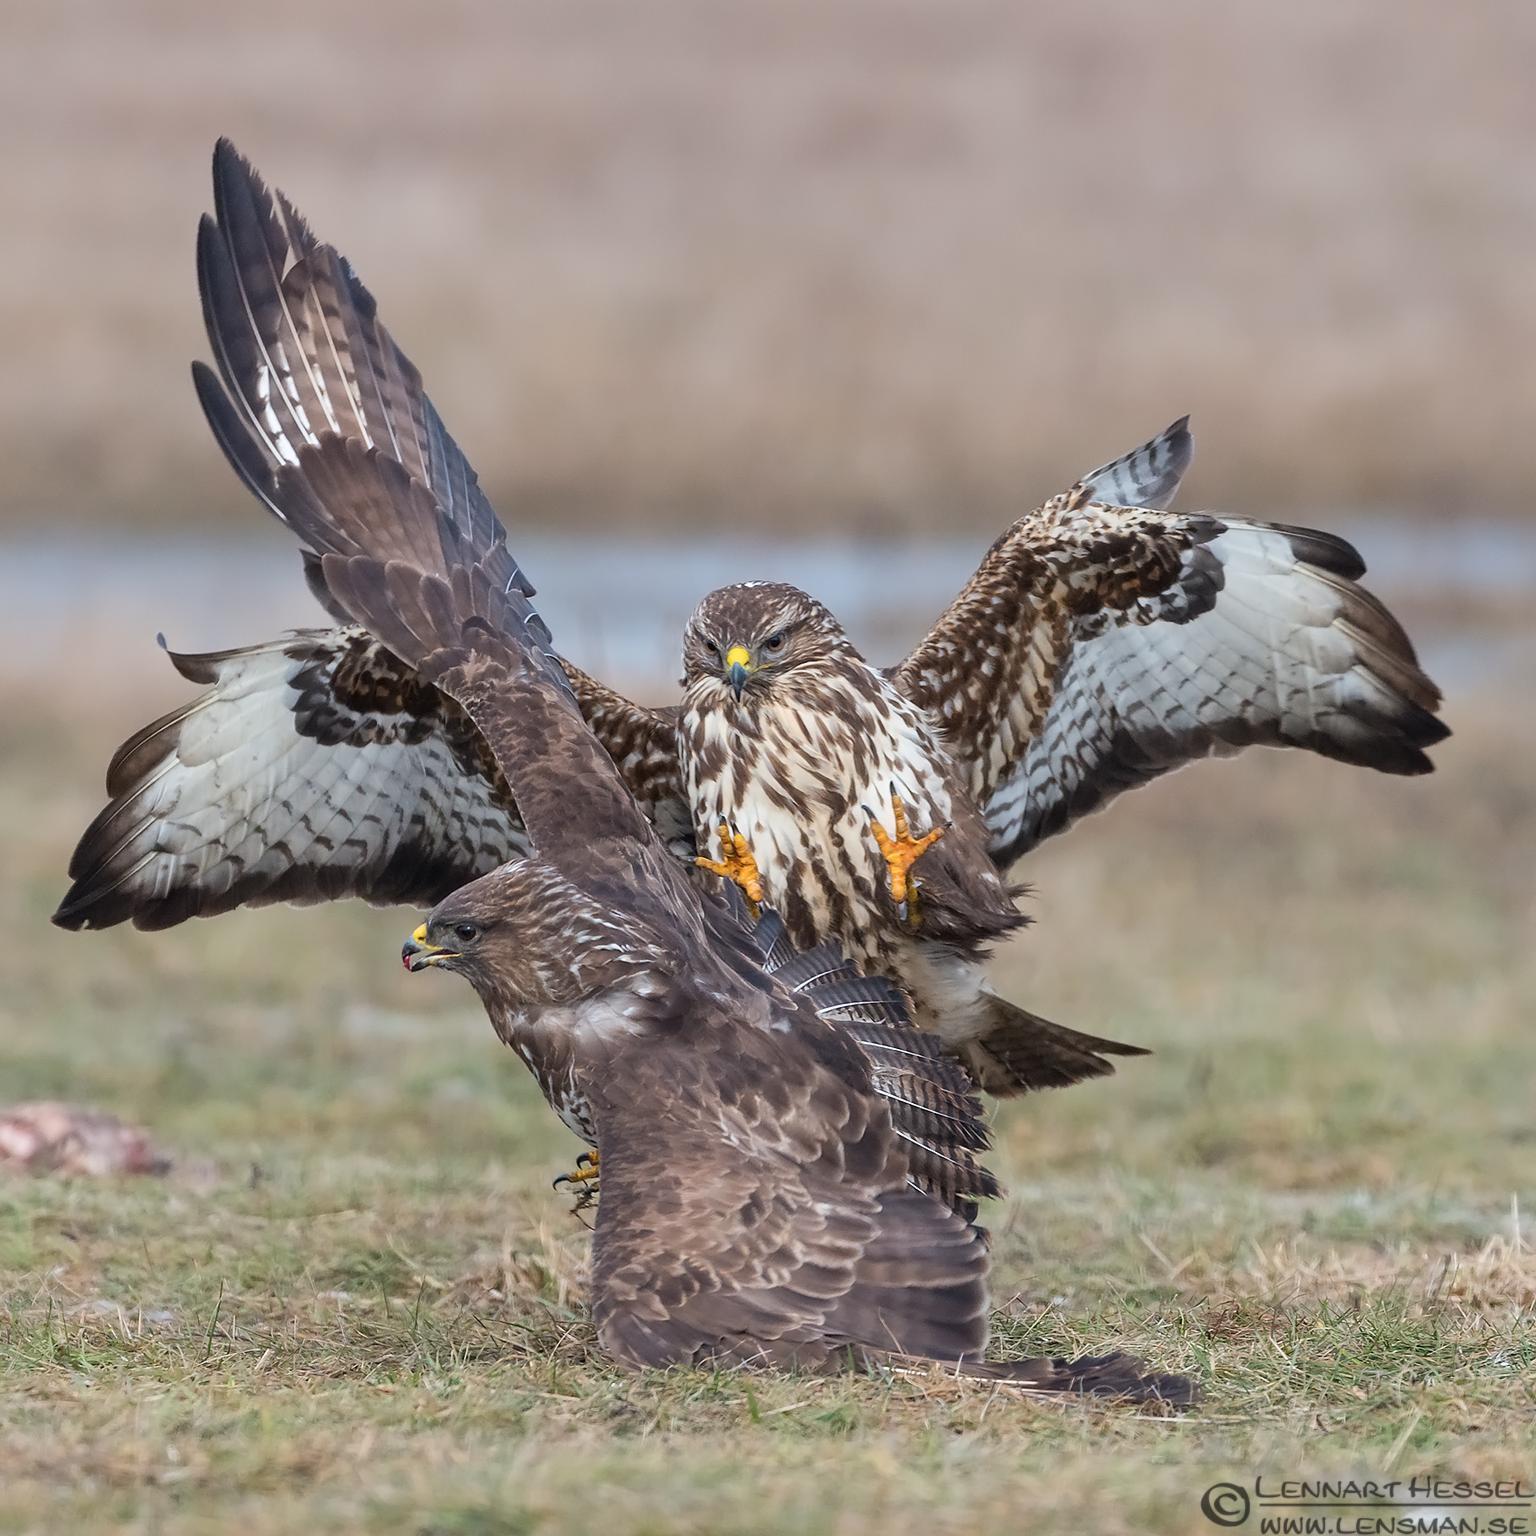 Common Buzzard fight eagle